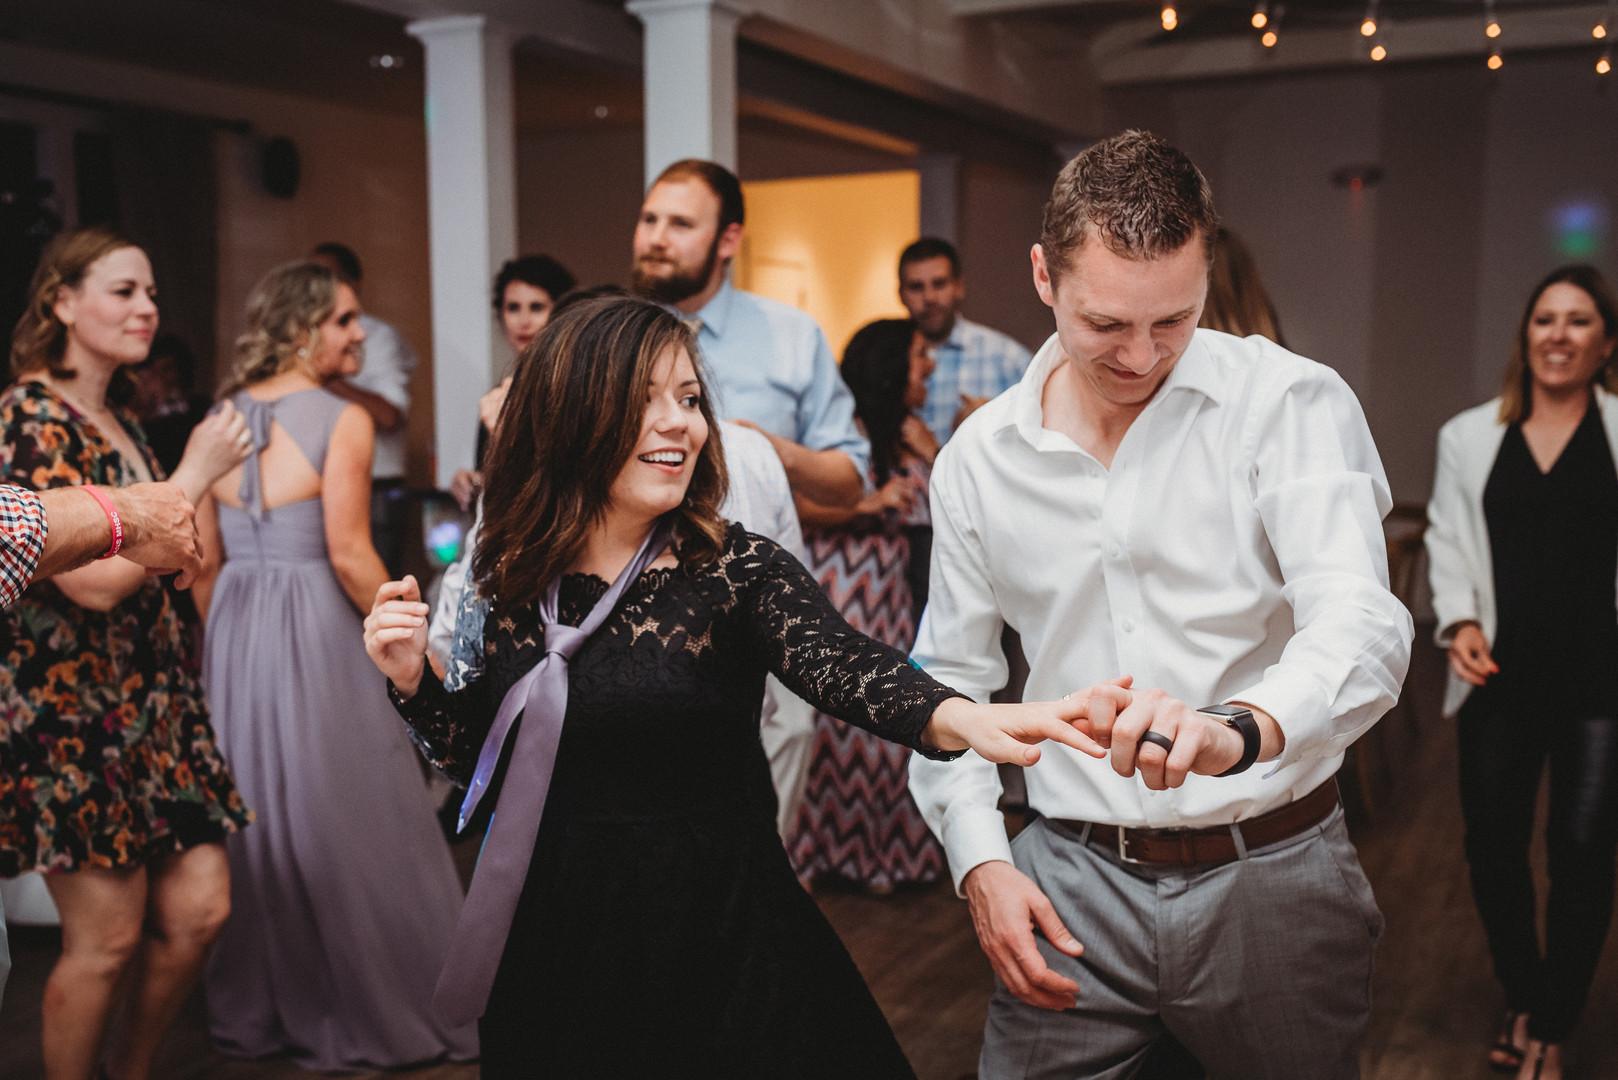 Engagement Wedding Photographer Seattle   Seattle Tacoma Bride   Pacific Northwest Wedding   Tacoma Destination Wedding   PNW Venues   Wedding Dress   Whimsical Wedding   San Juan Wedding   Friday Harbor Wedding Photographer   Wedding Reception  